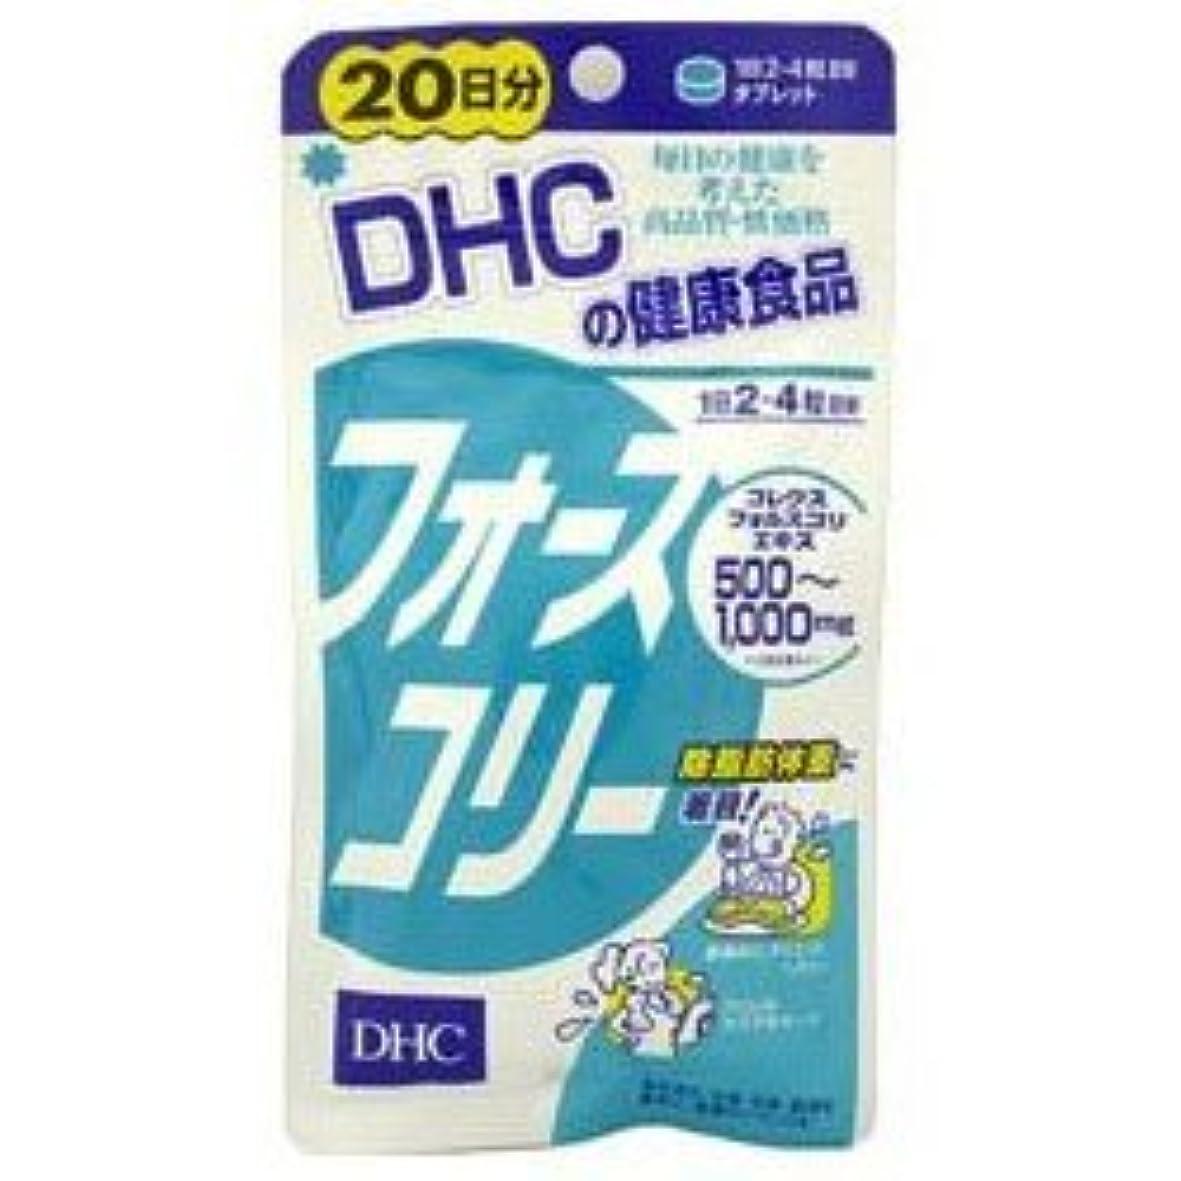 政権殺人に勝る【DHC】フォースコリー 20日分 (32.4g) ×20個セット